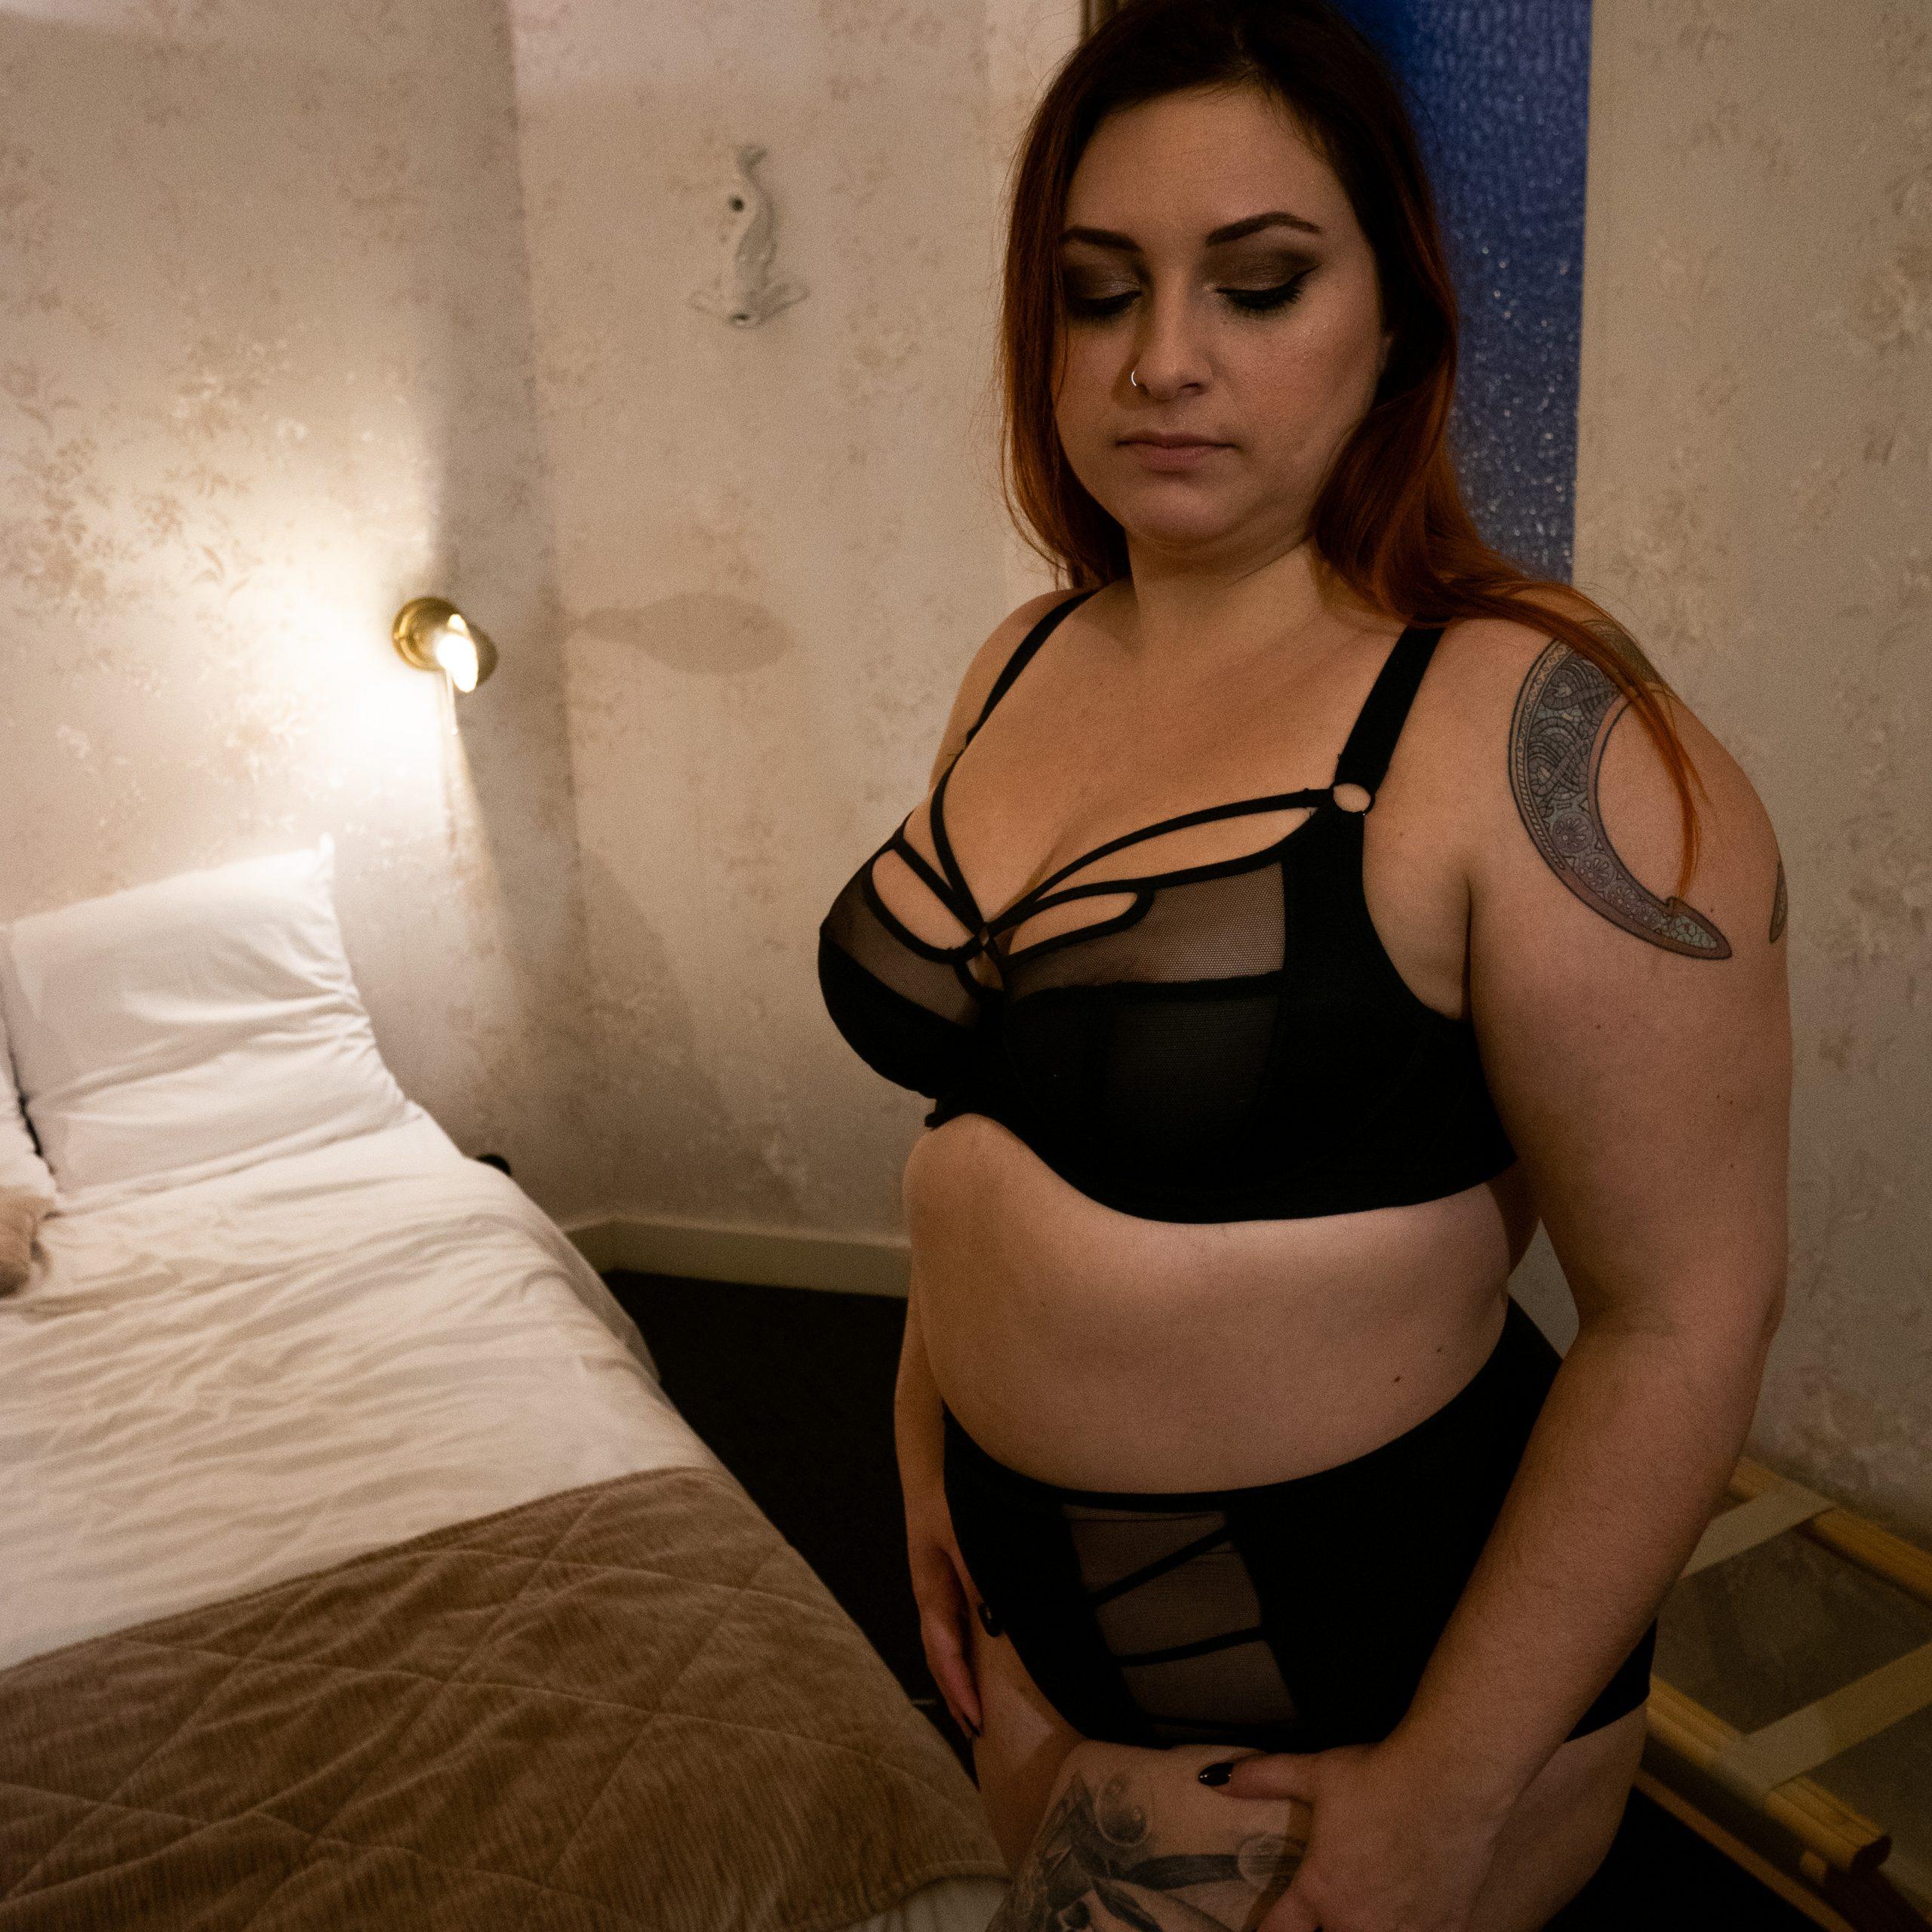 avis-sachi-toutes-les-poitrines-blog-lingerie-plus-size-face-1